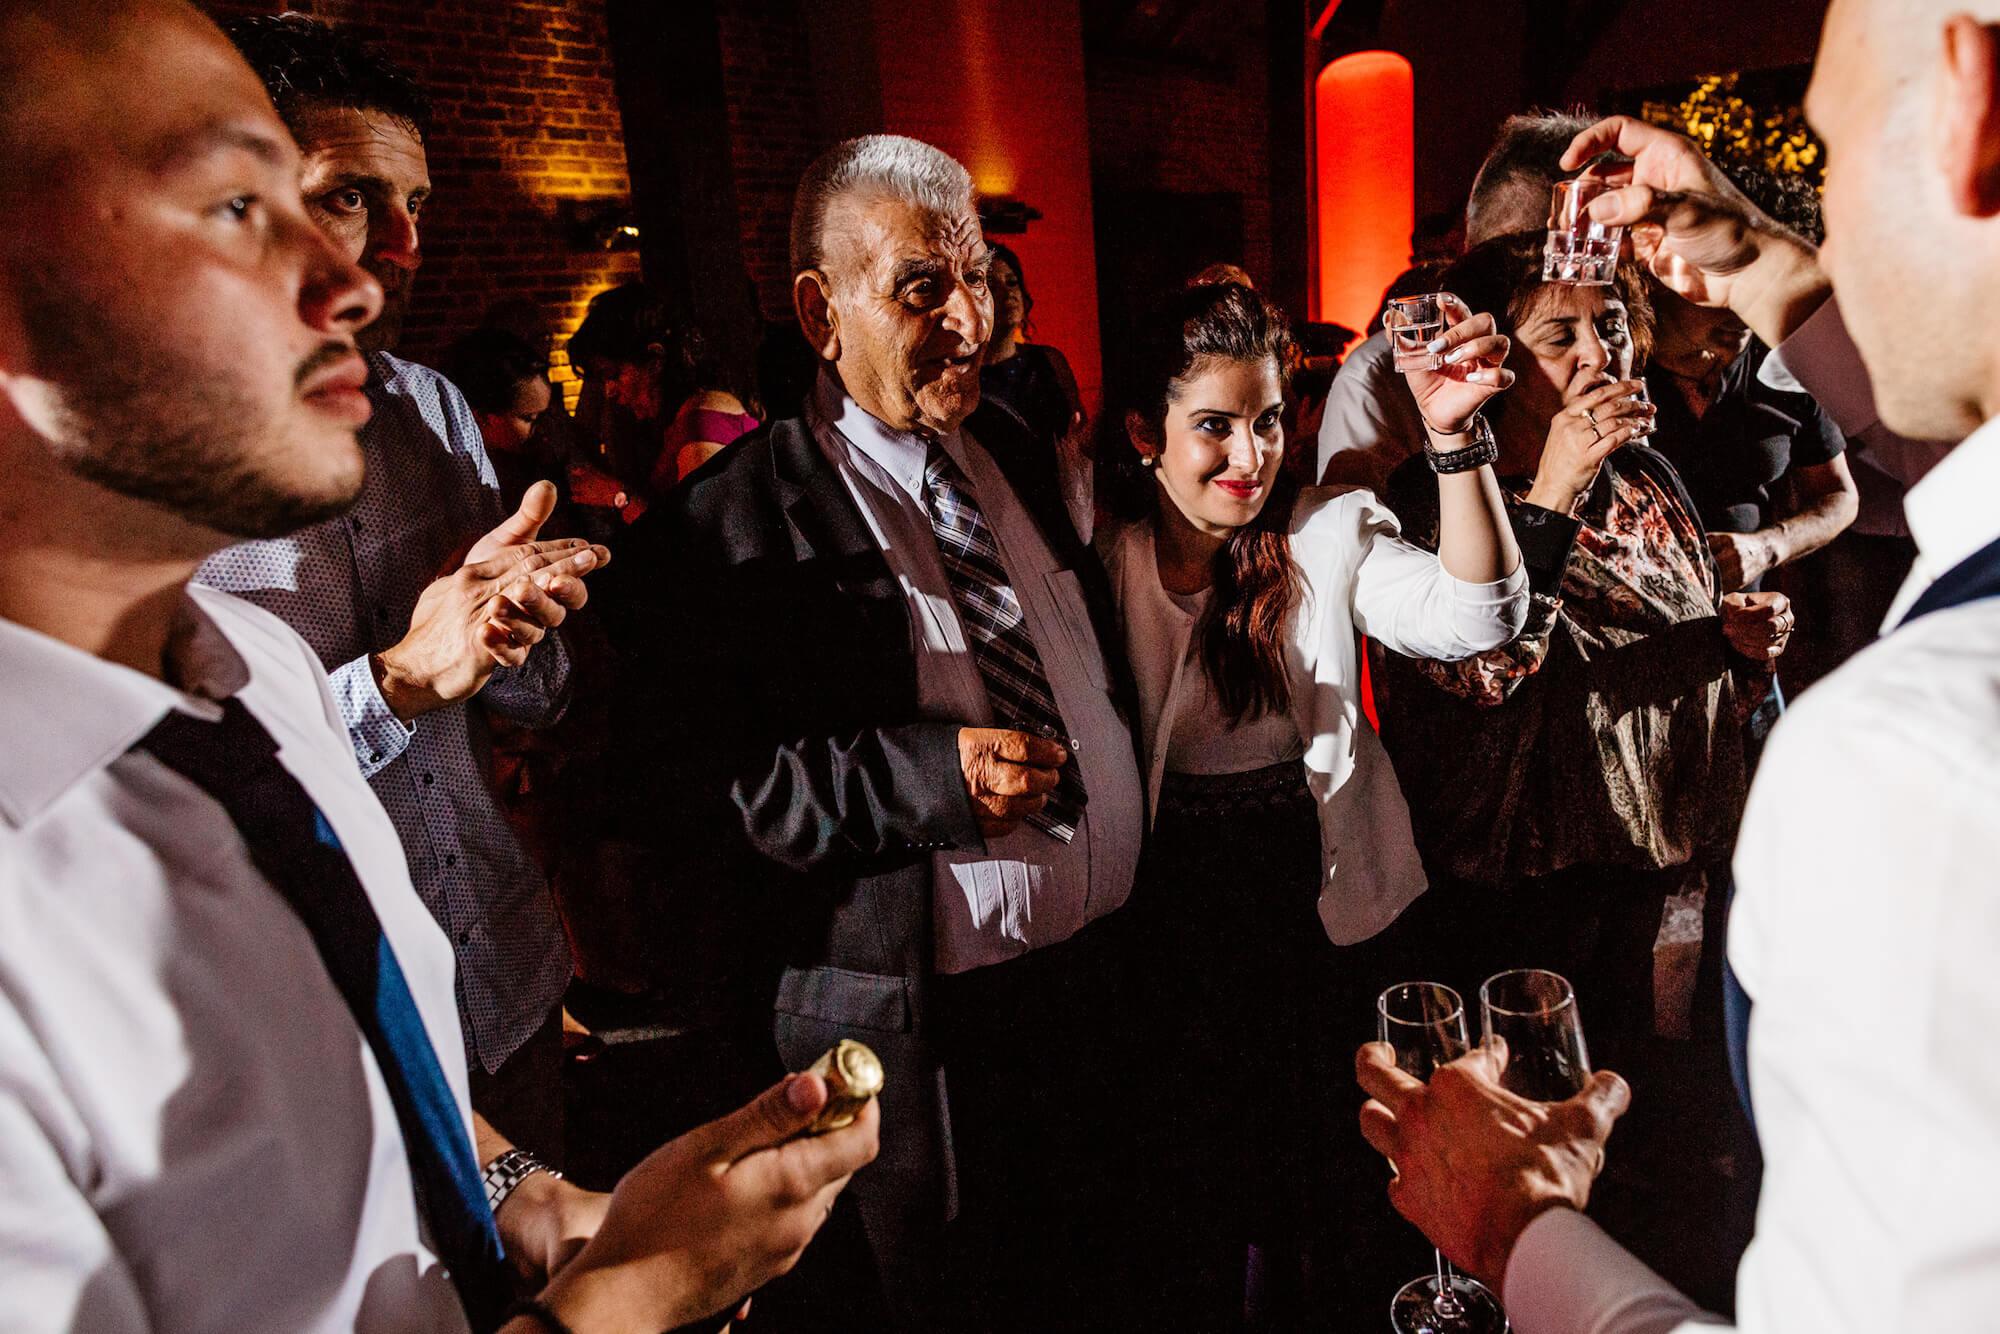 griekse-bruiloft-trouwfotograaf-utrecht-63.jpg